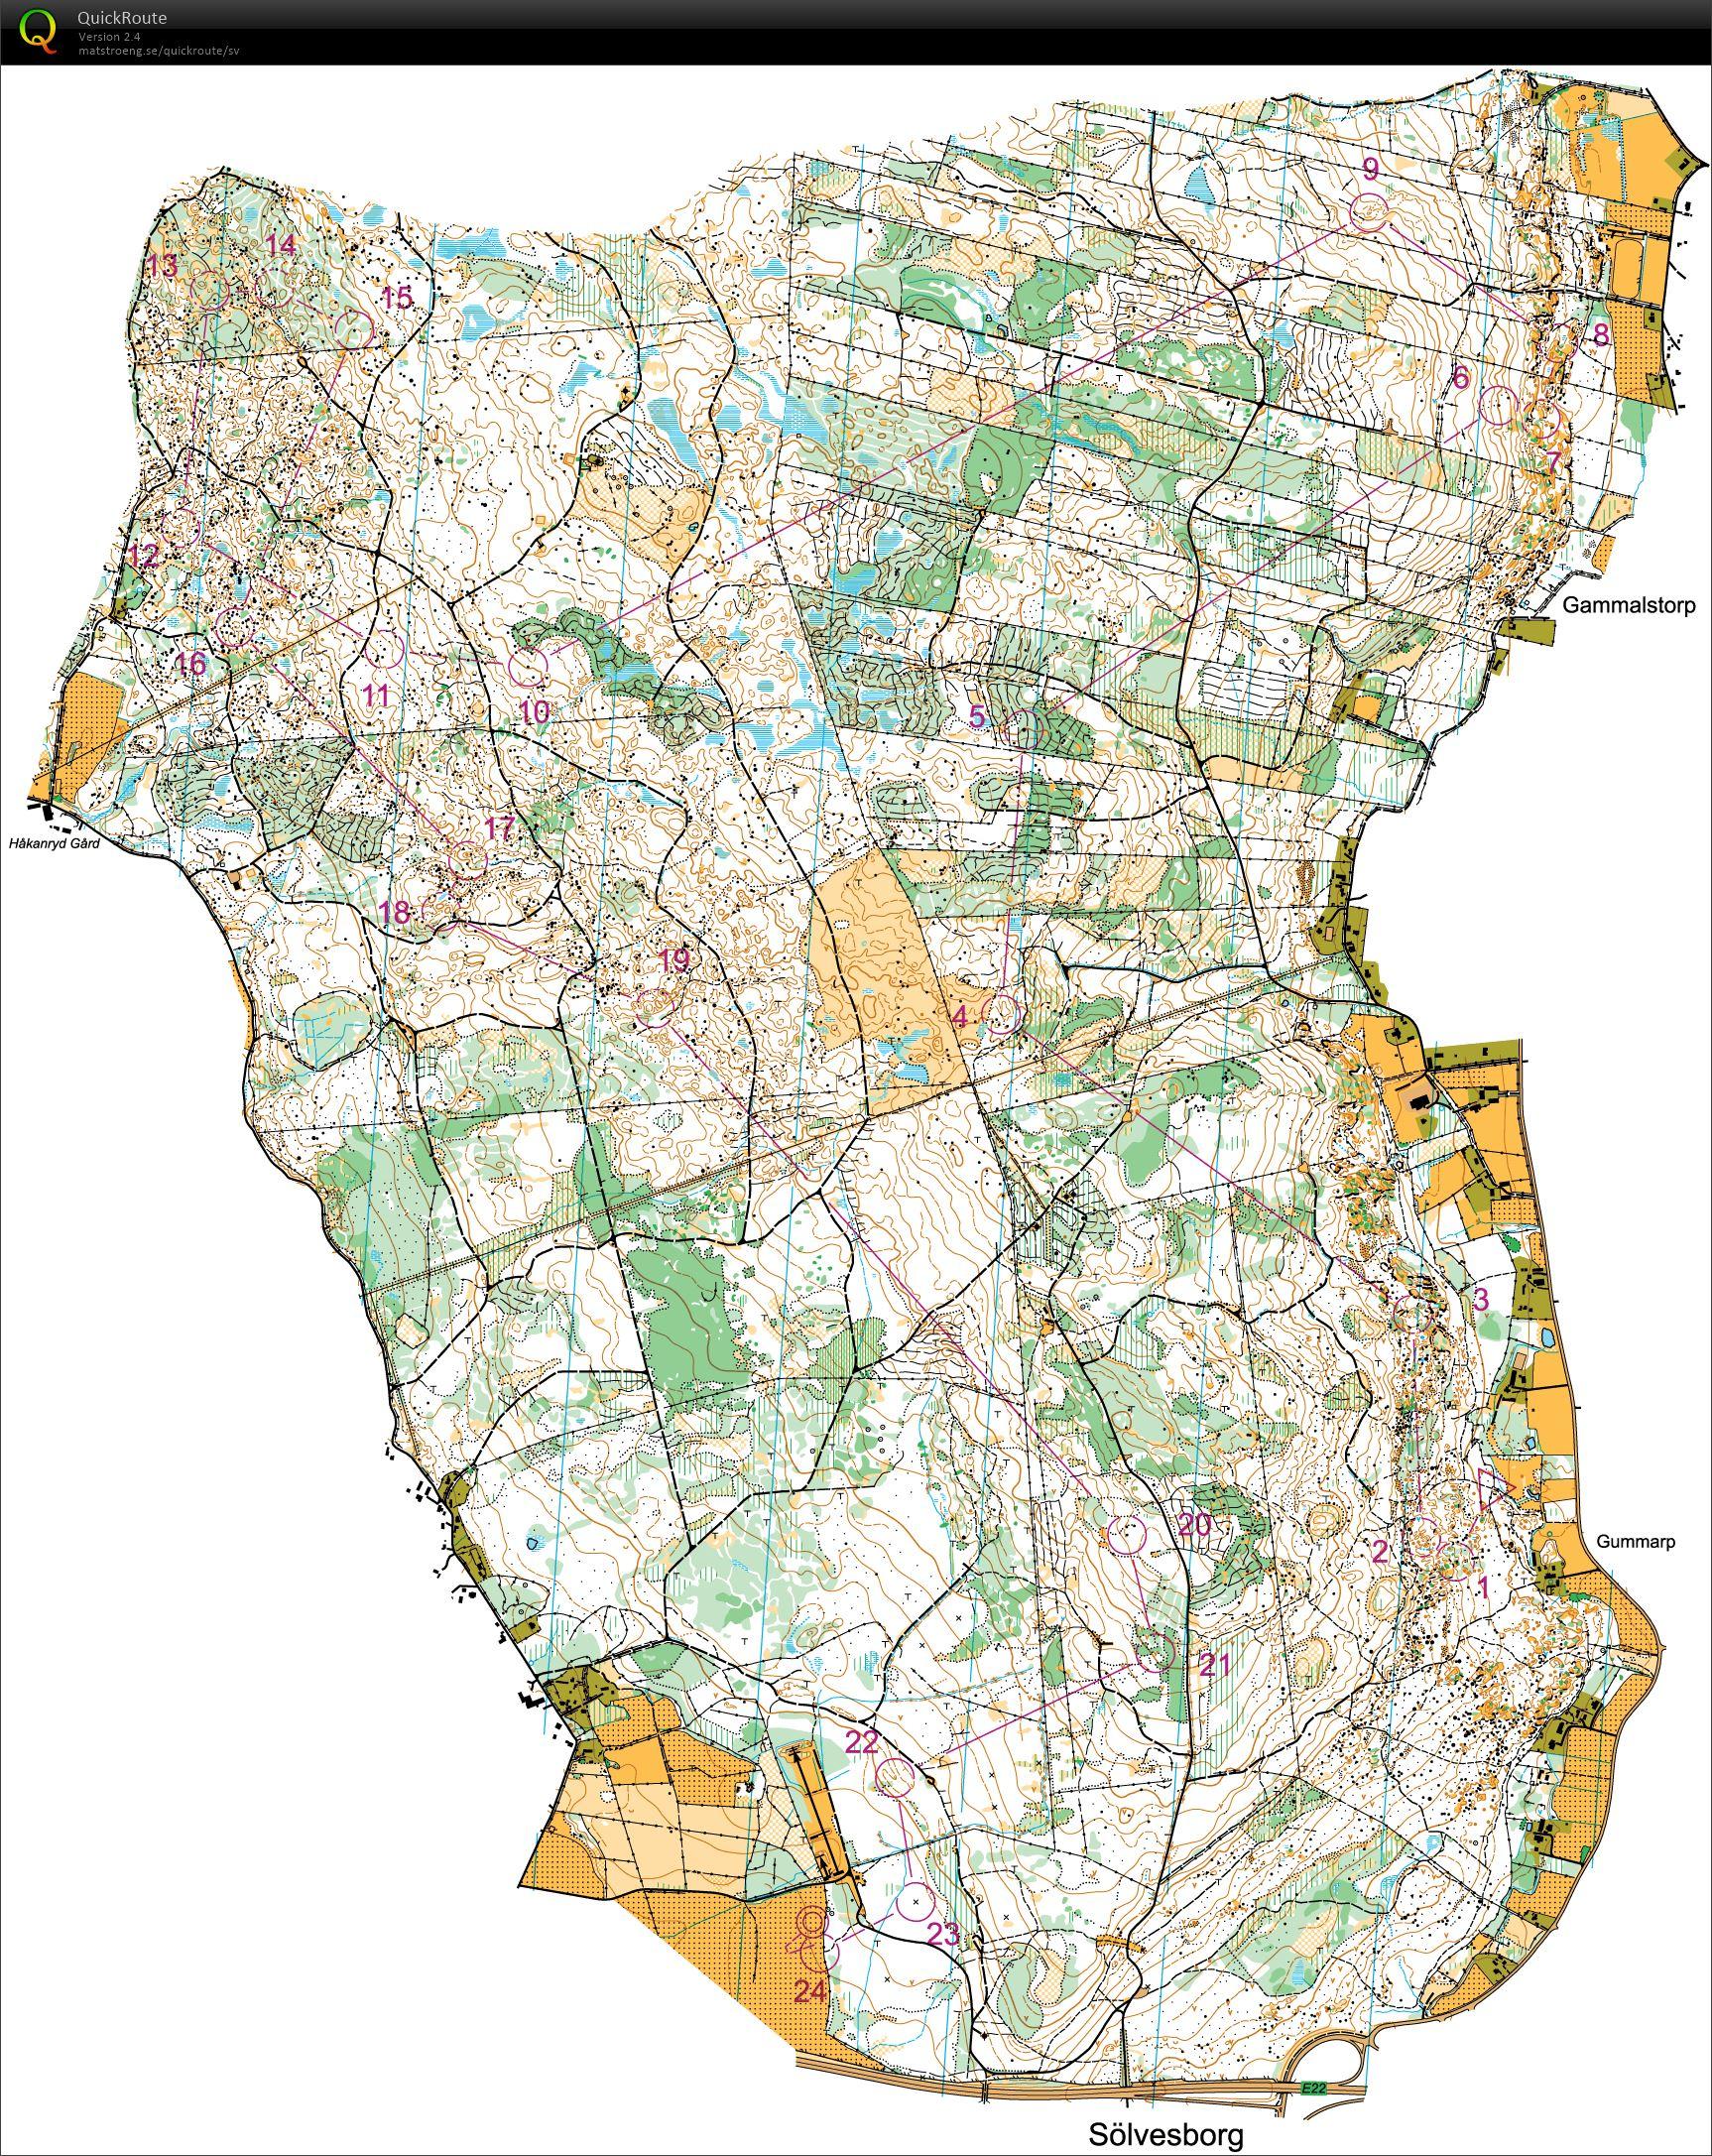 sølvesborg sverige kart O Ringen 2014 E4, H21E   July 24th 2014   Orienteering Map from  sølvesborg sverige kart